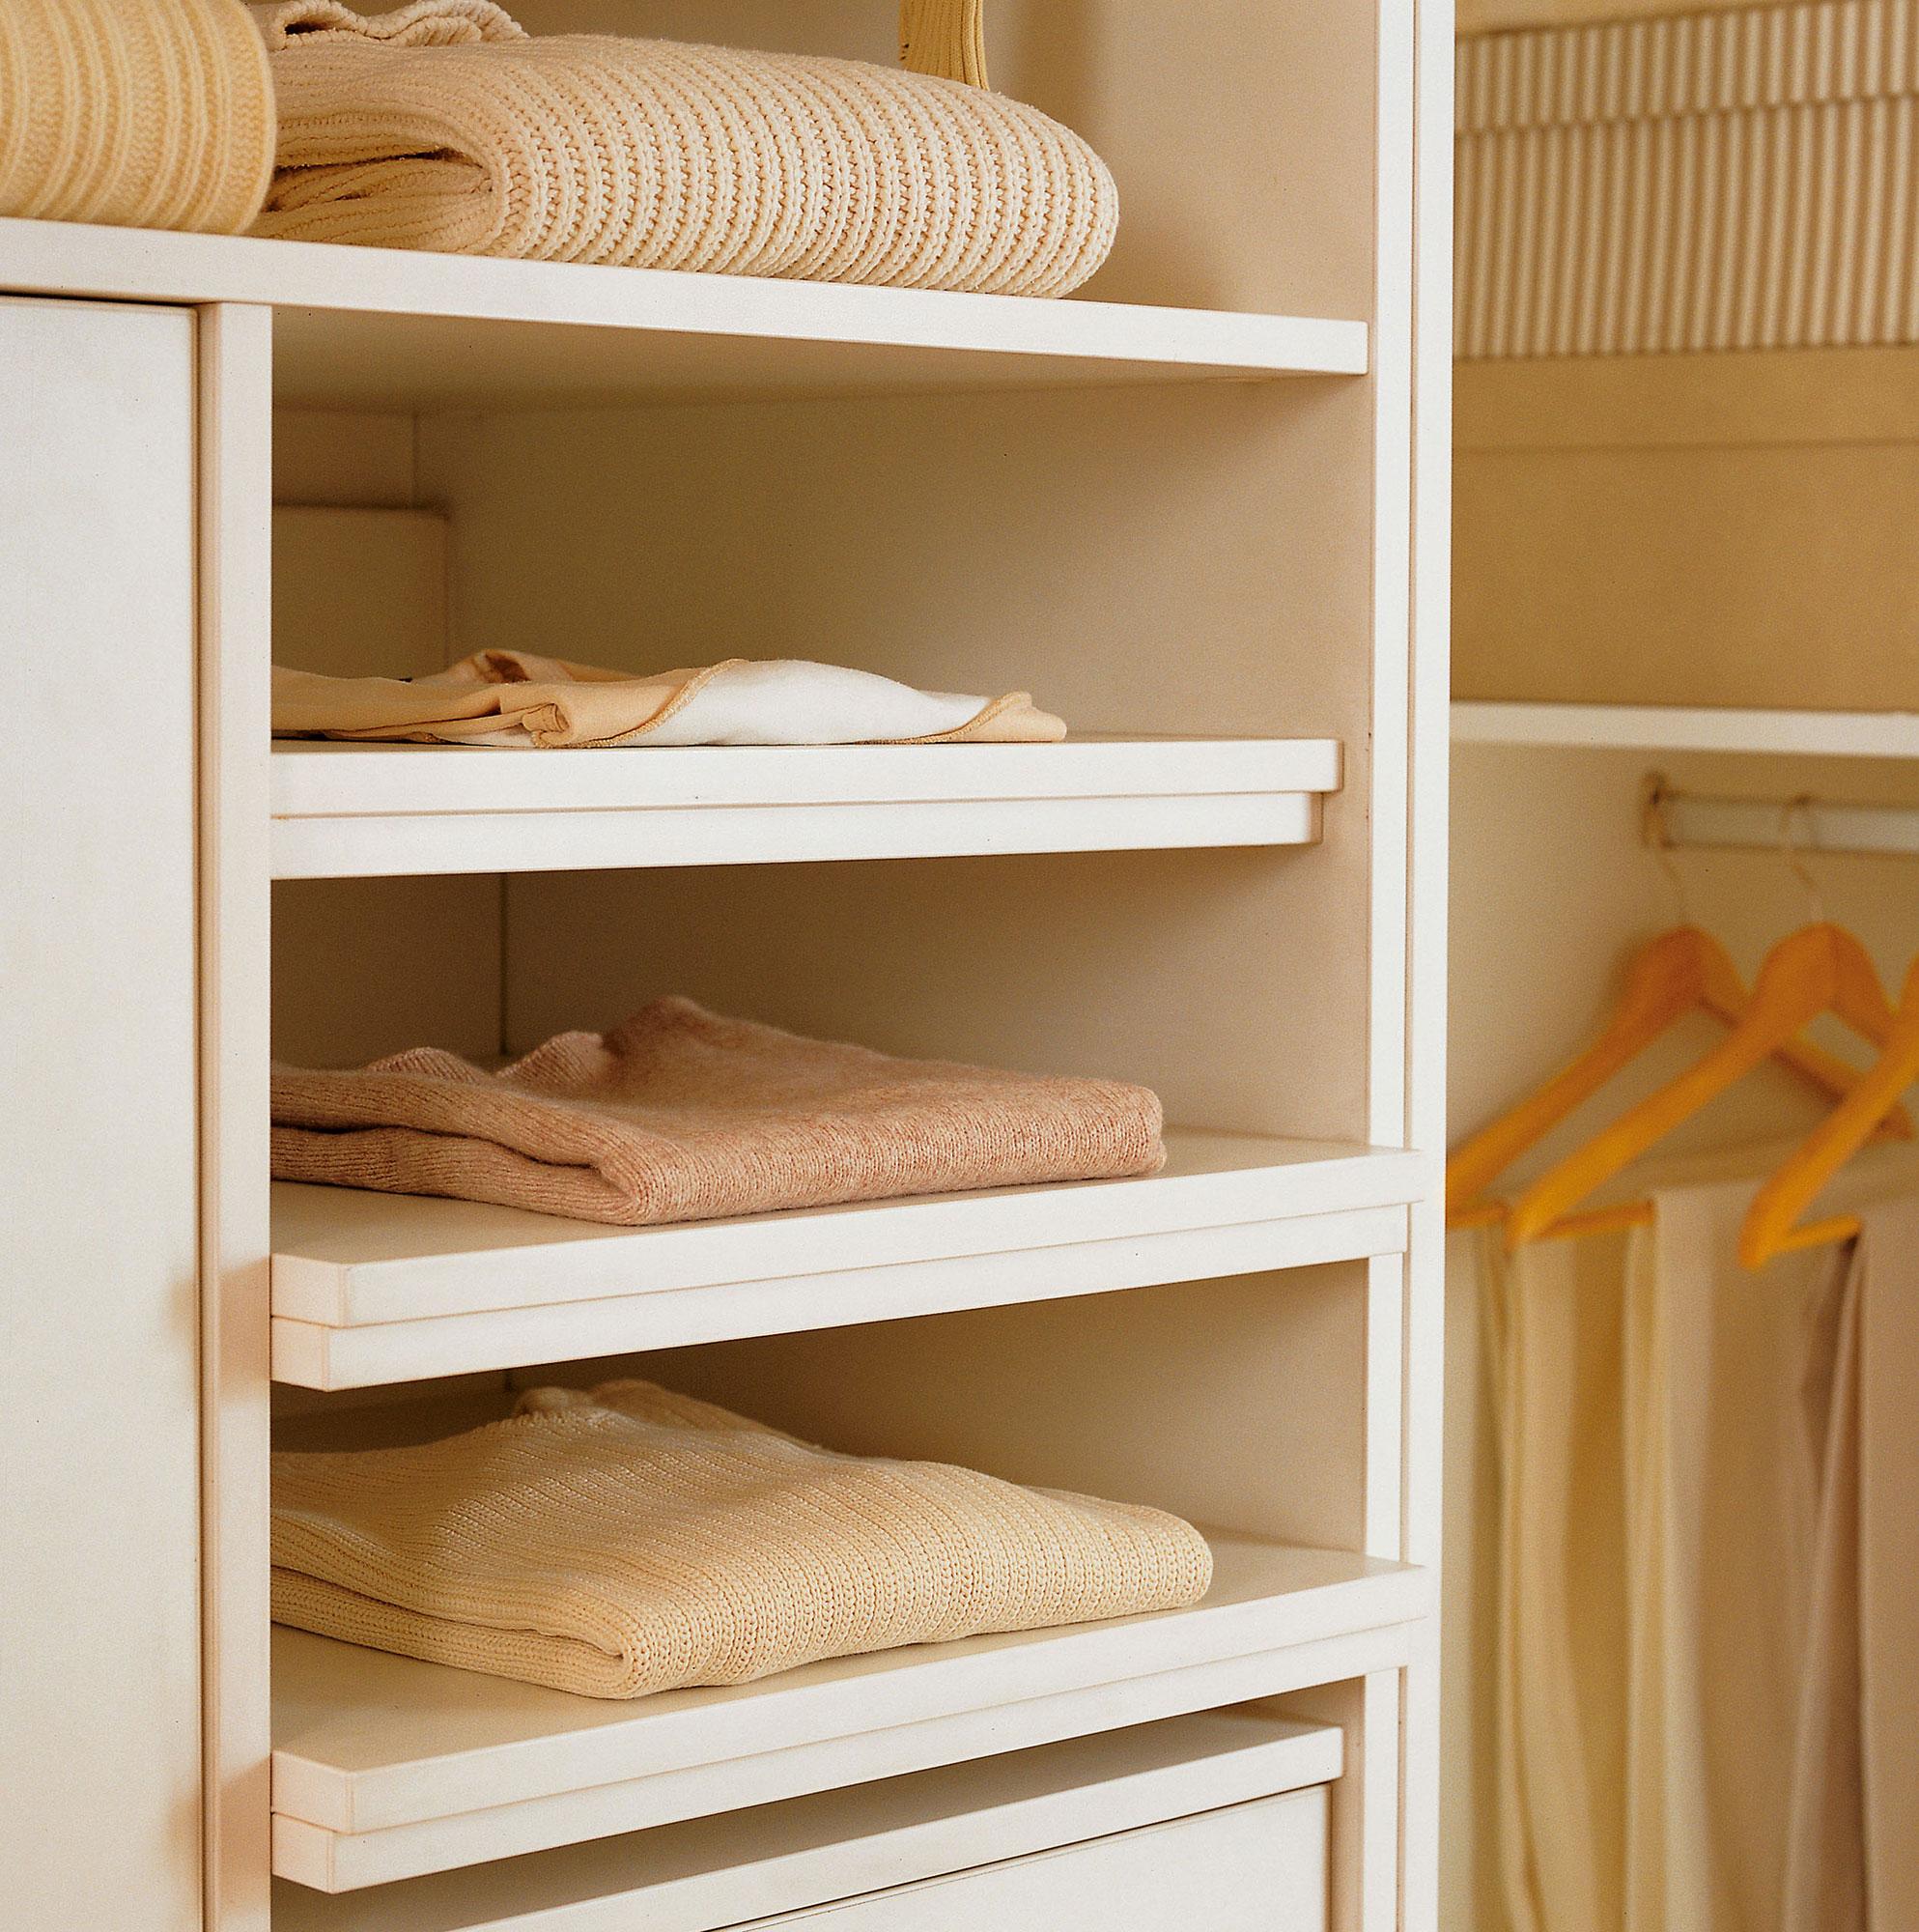 Armarios ordena mejor y duplica el espacio - Organizar armarios empotrados ...